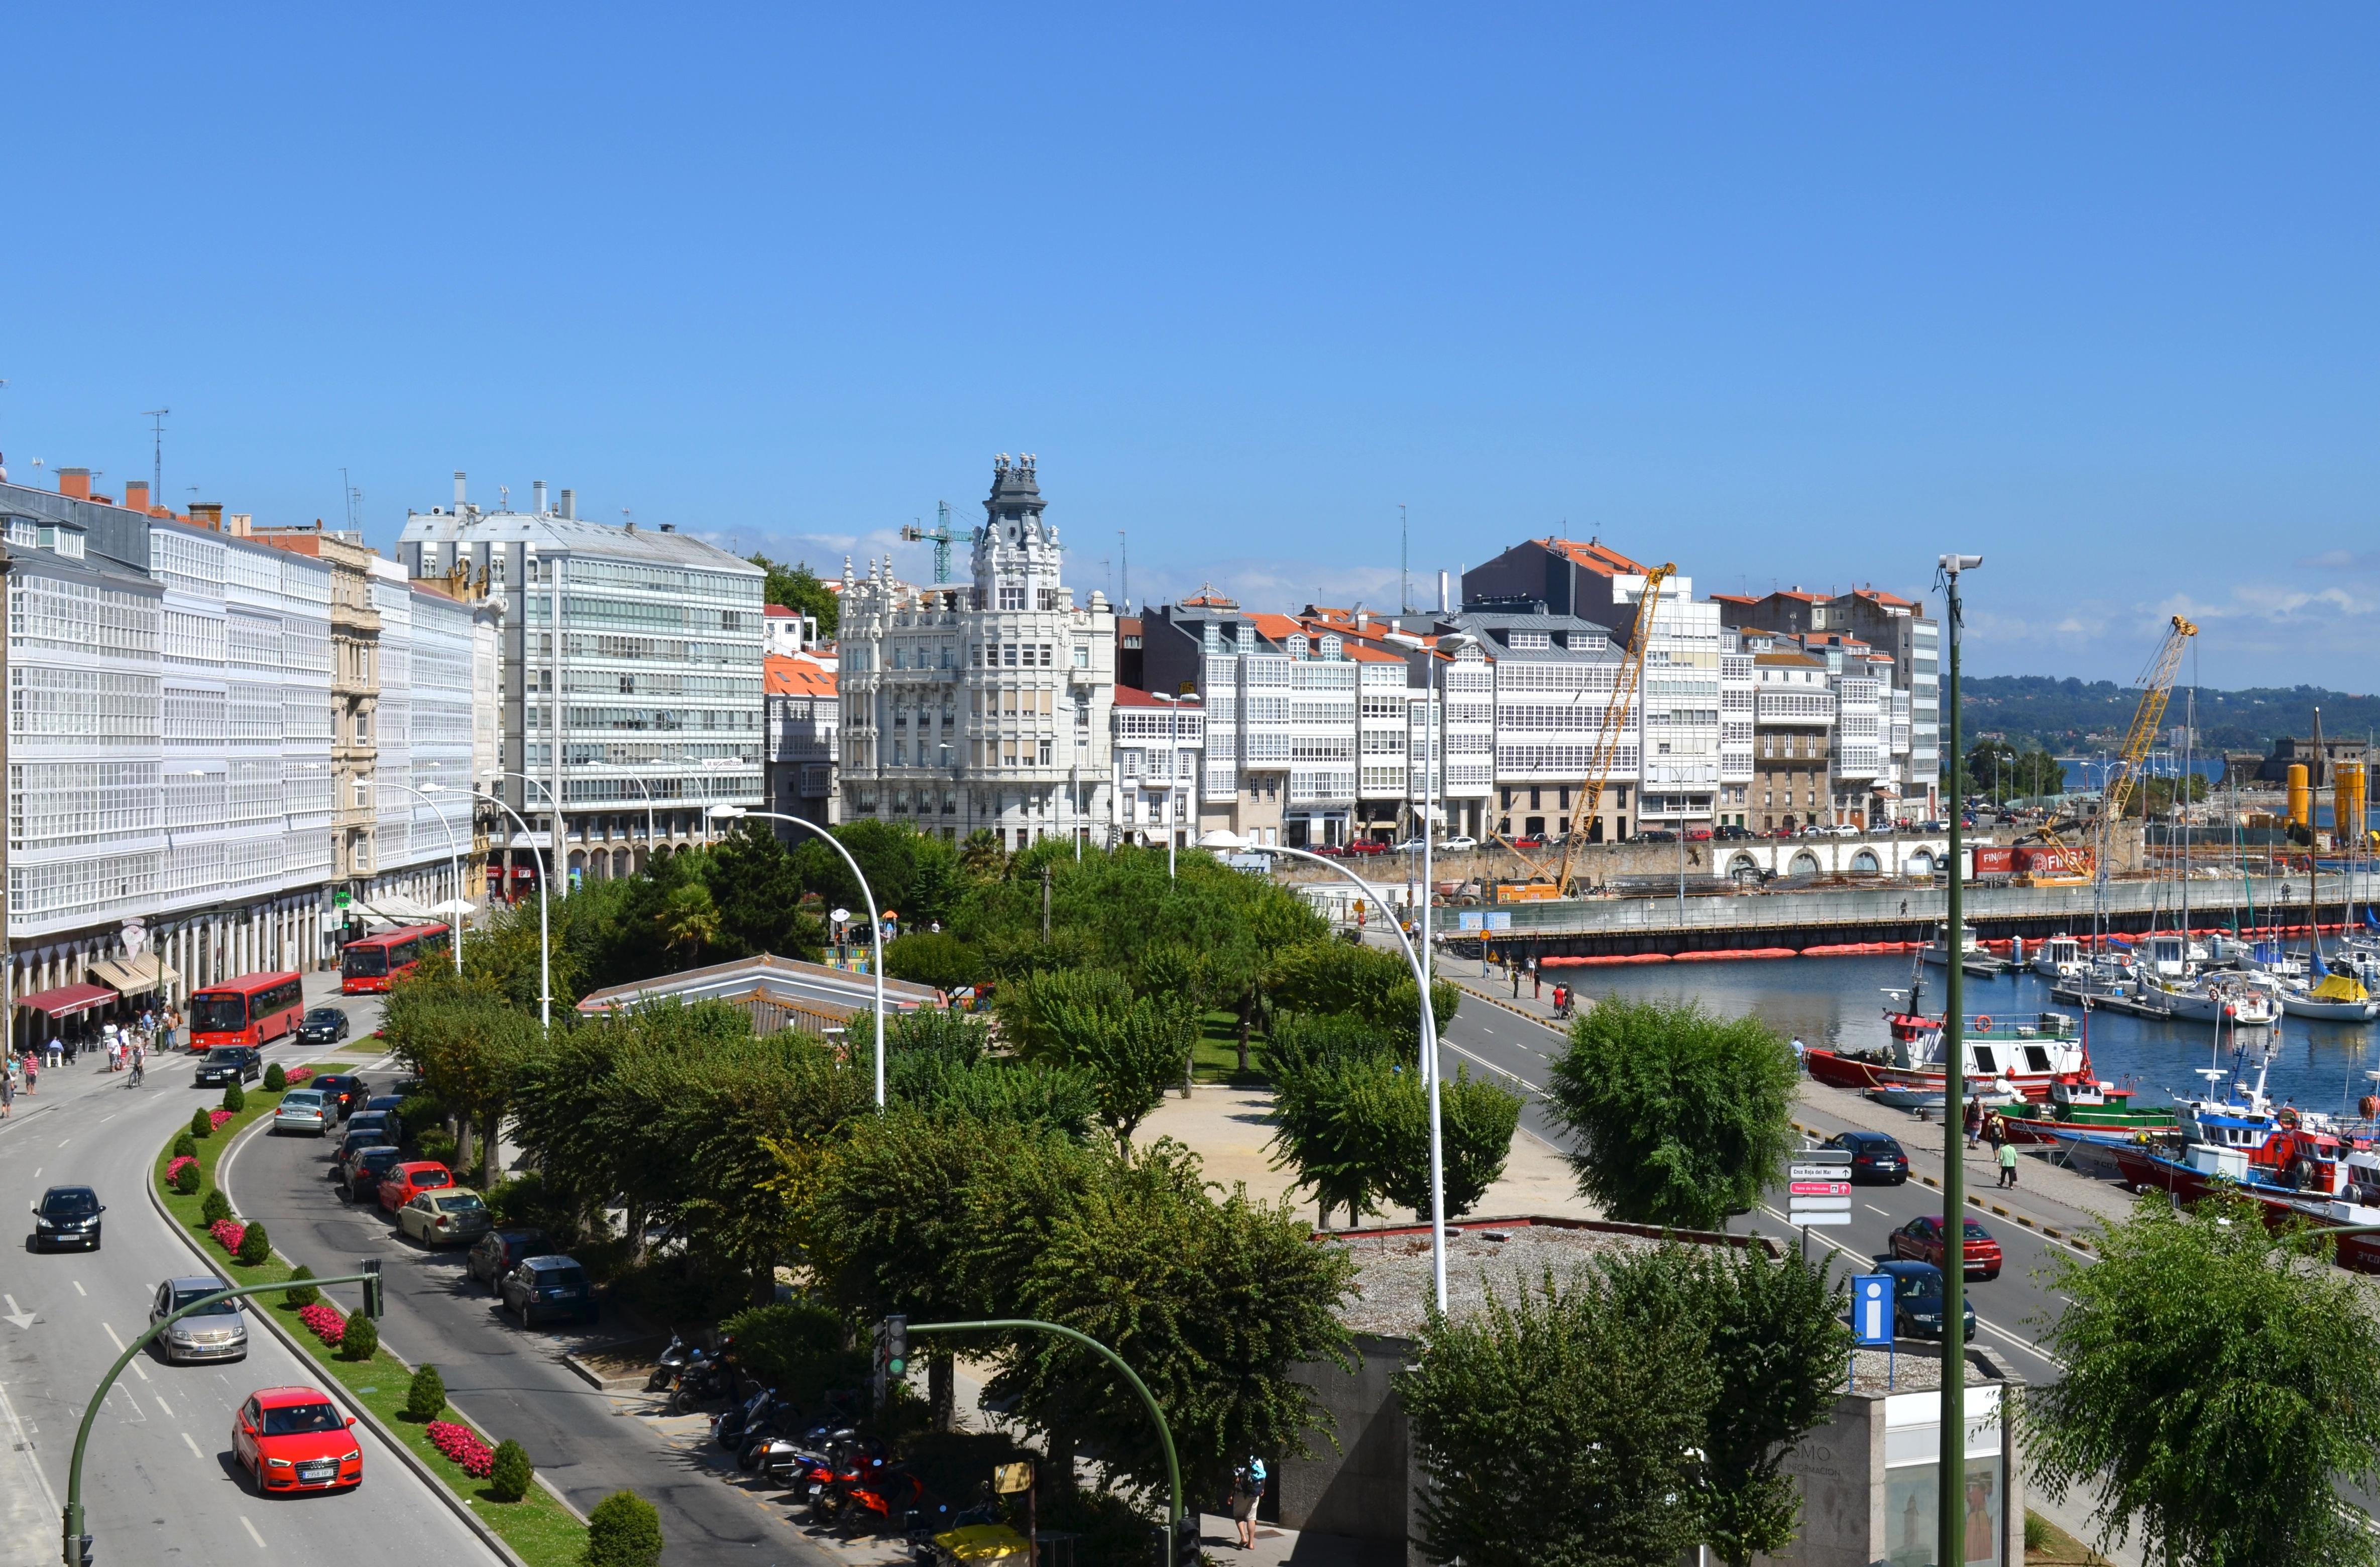 File Vista De La Avenida De La Marina Desde La Parte De Atrás De La Biblioteca Provincial De A Coruña Jpg Wikimedia Commons